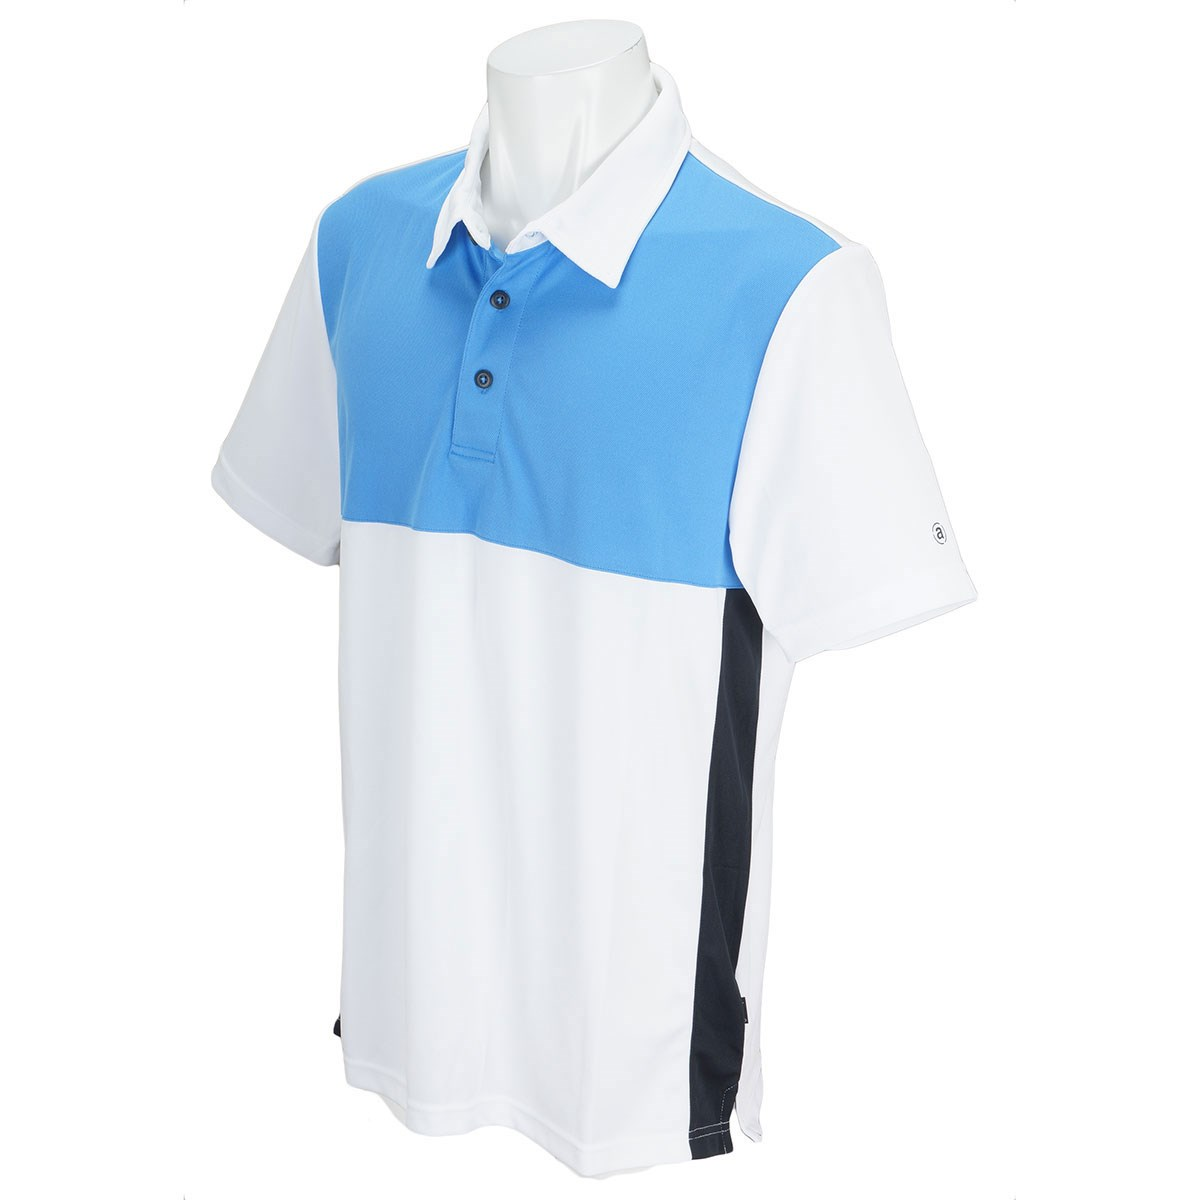 アバカス ABACUS 半袖ポロシャツ M ホワイト/スカイブルー